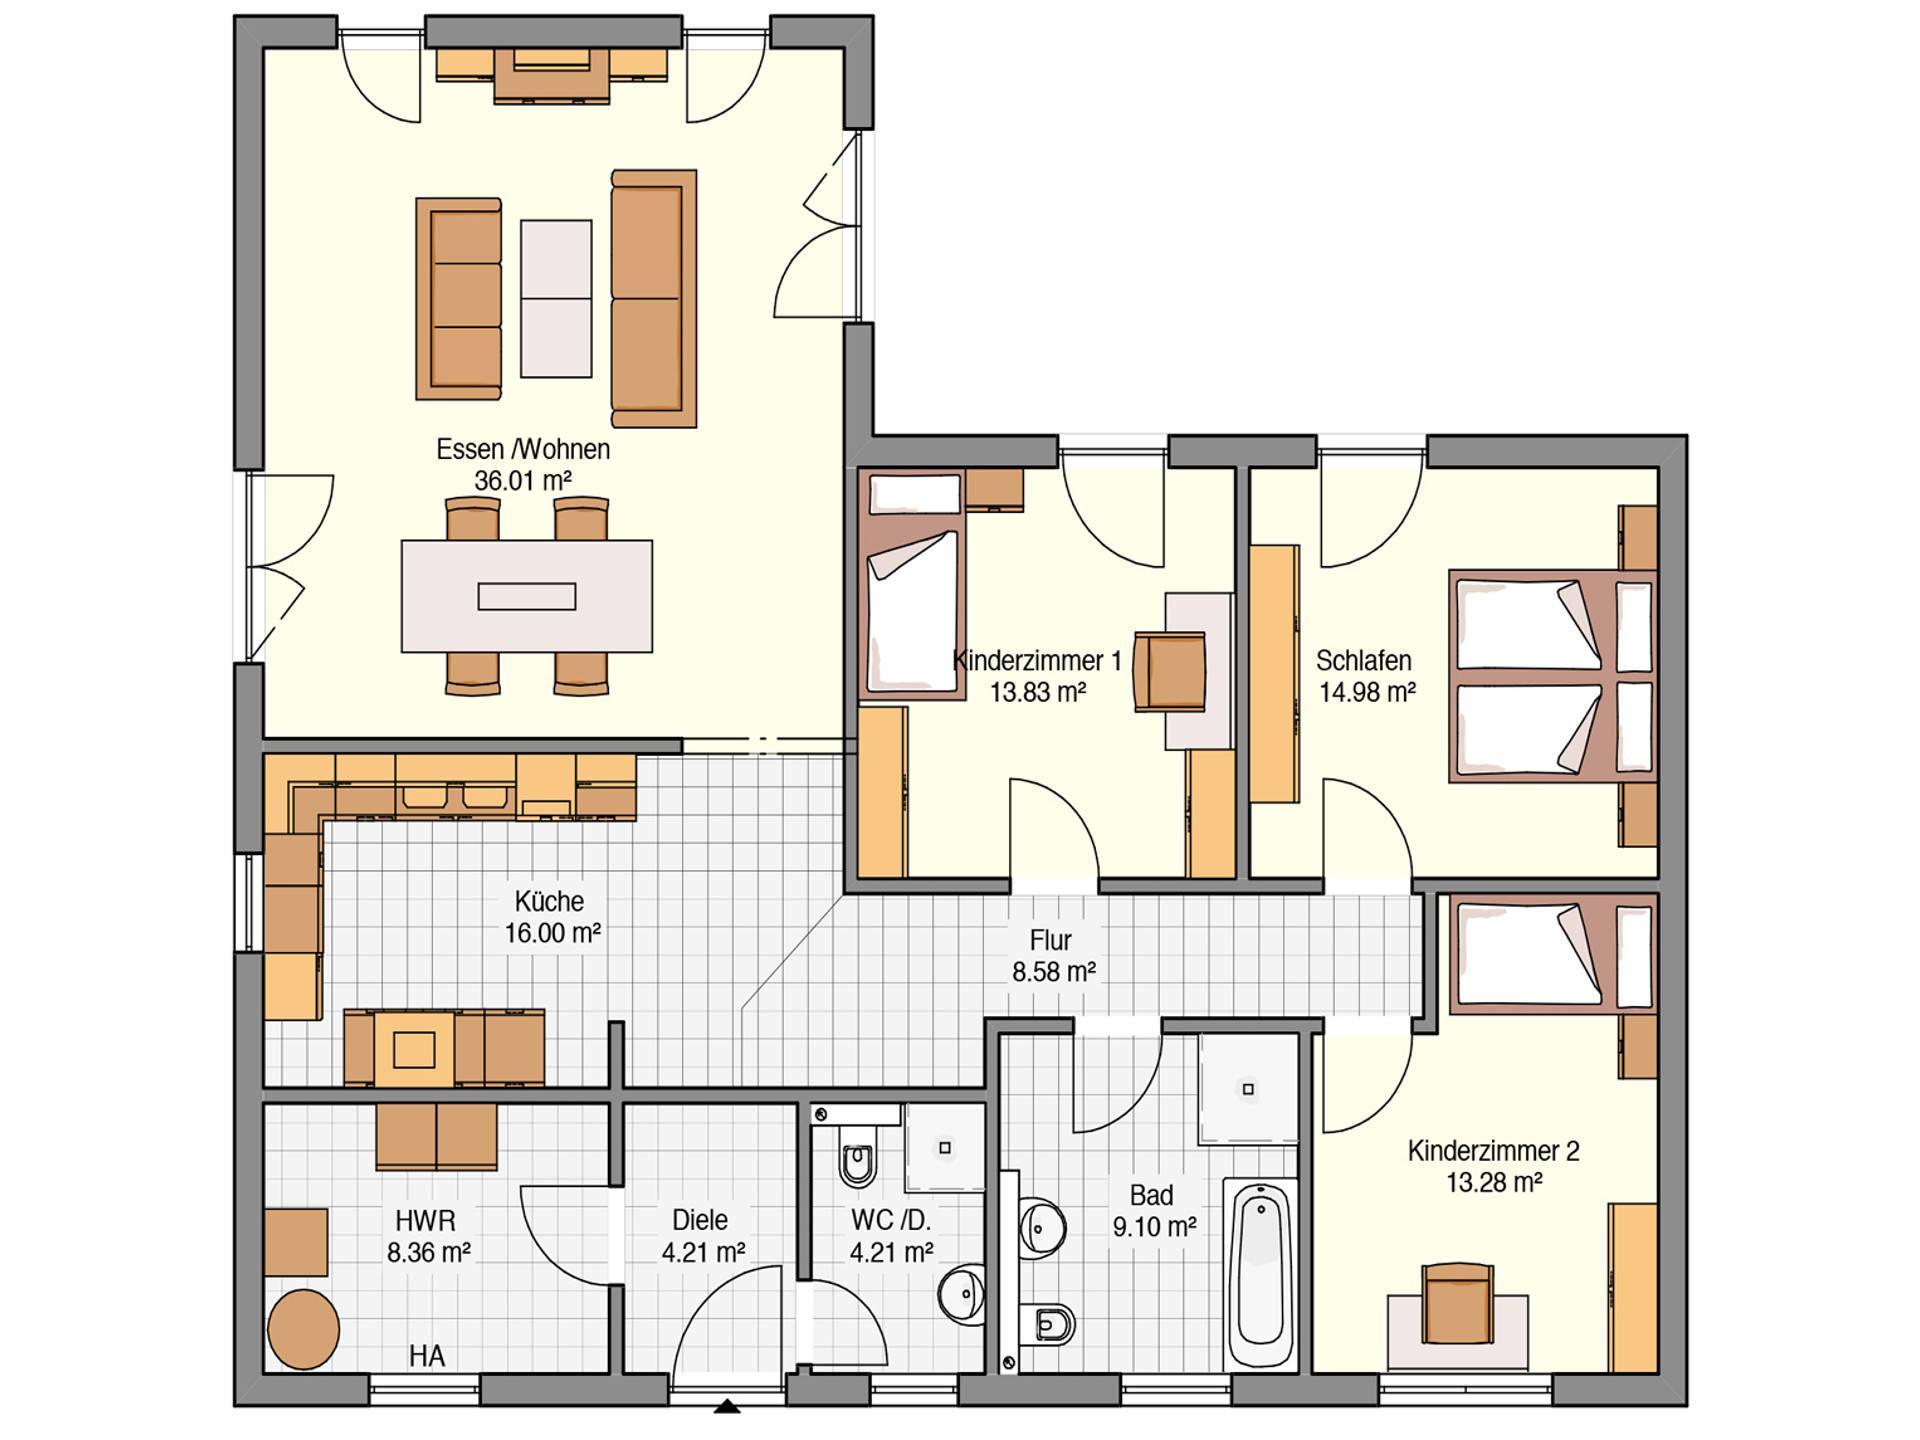 Haus Pultdach Grundriss Haus Hein Fertighaus Keitel Haus